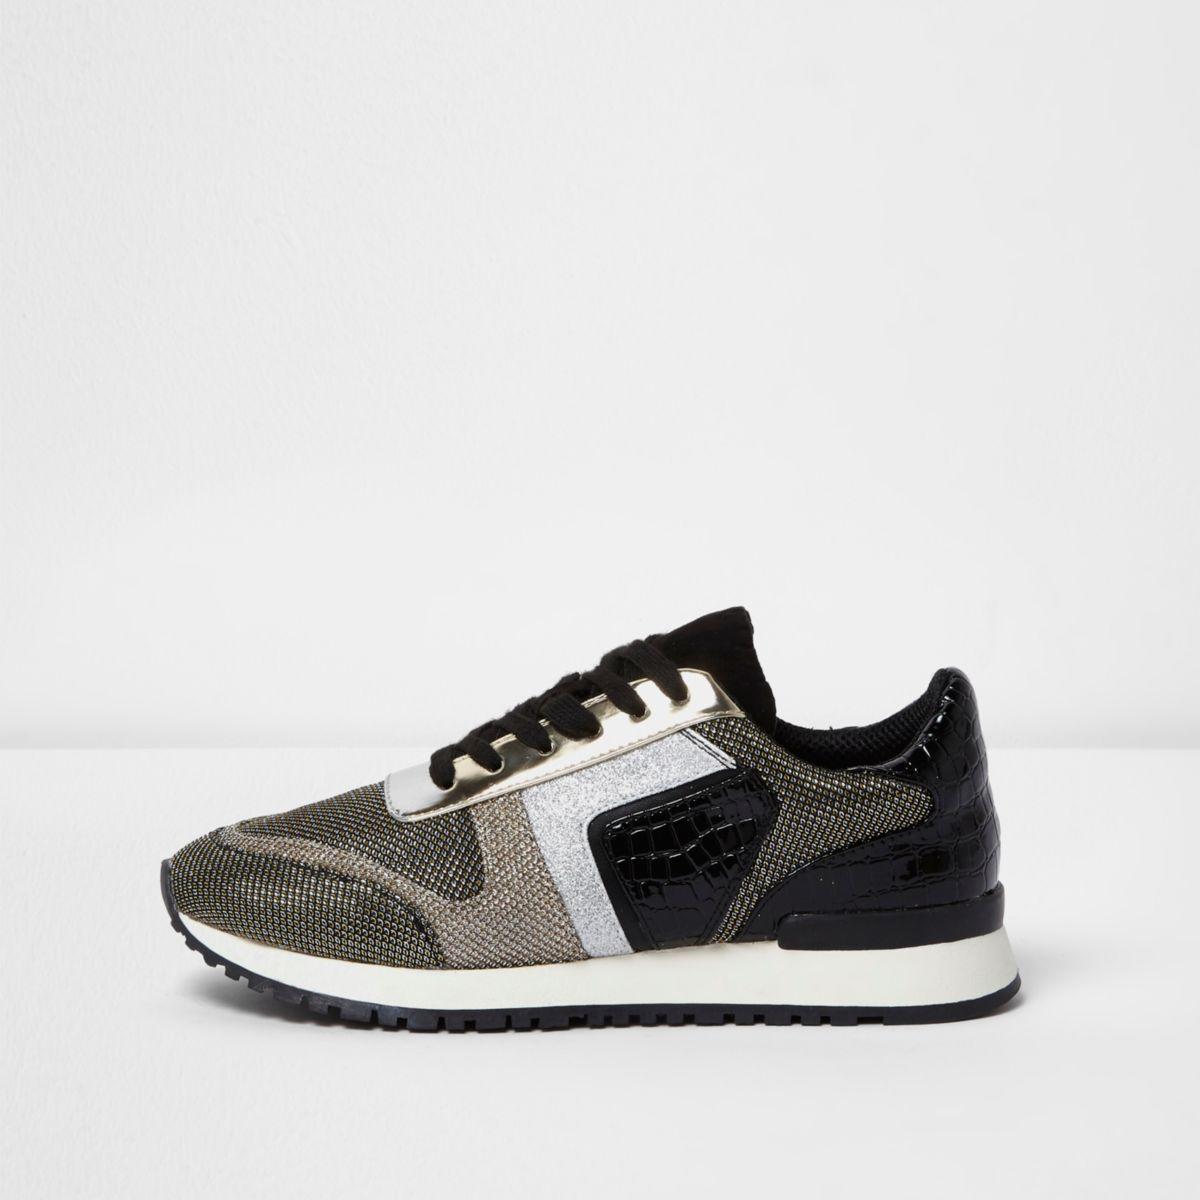 Zwarte metallic vertersneakers met krokodilleneffect